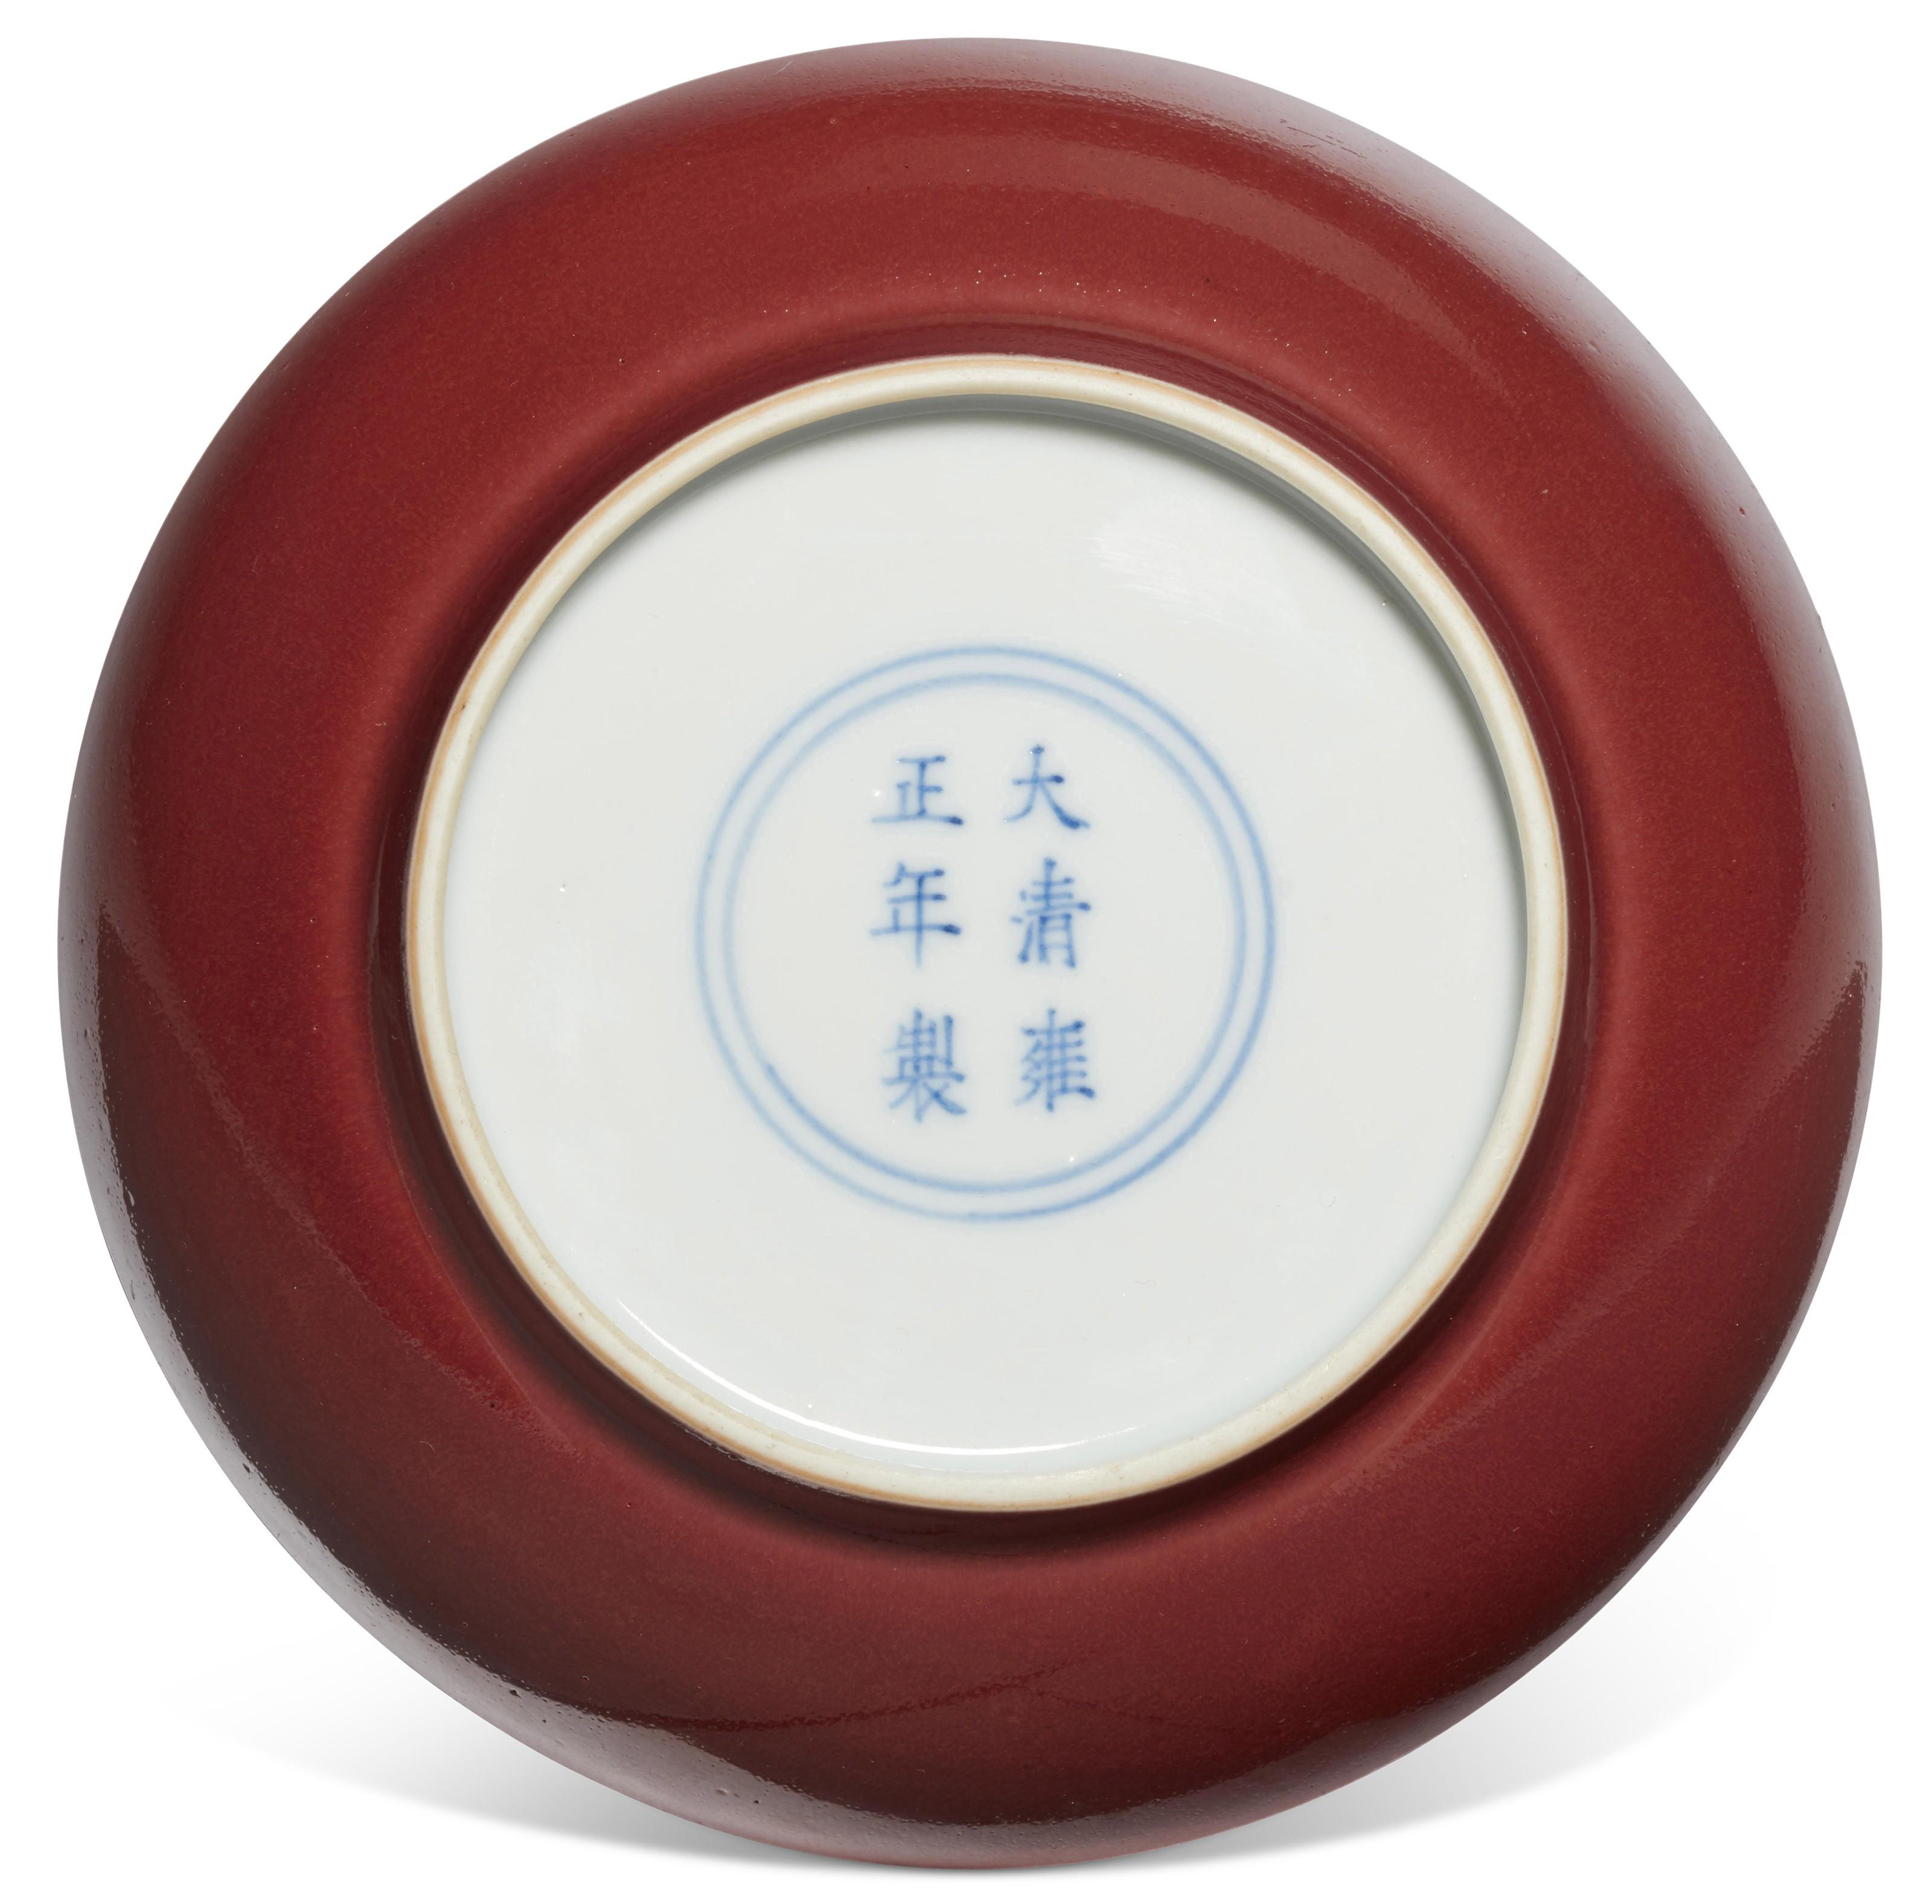 清雍正 红釉小盘 双圈六字楷书款